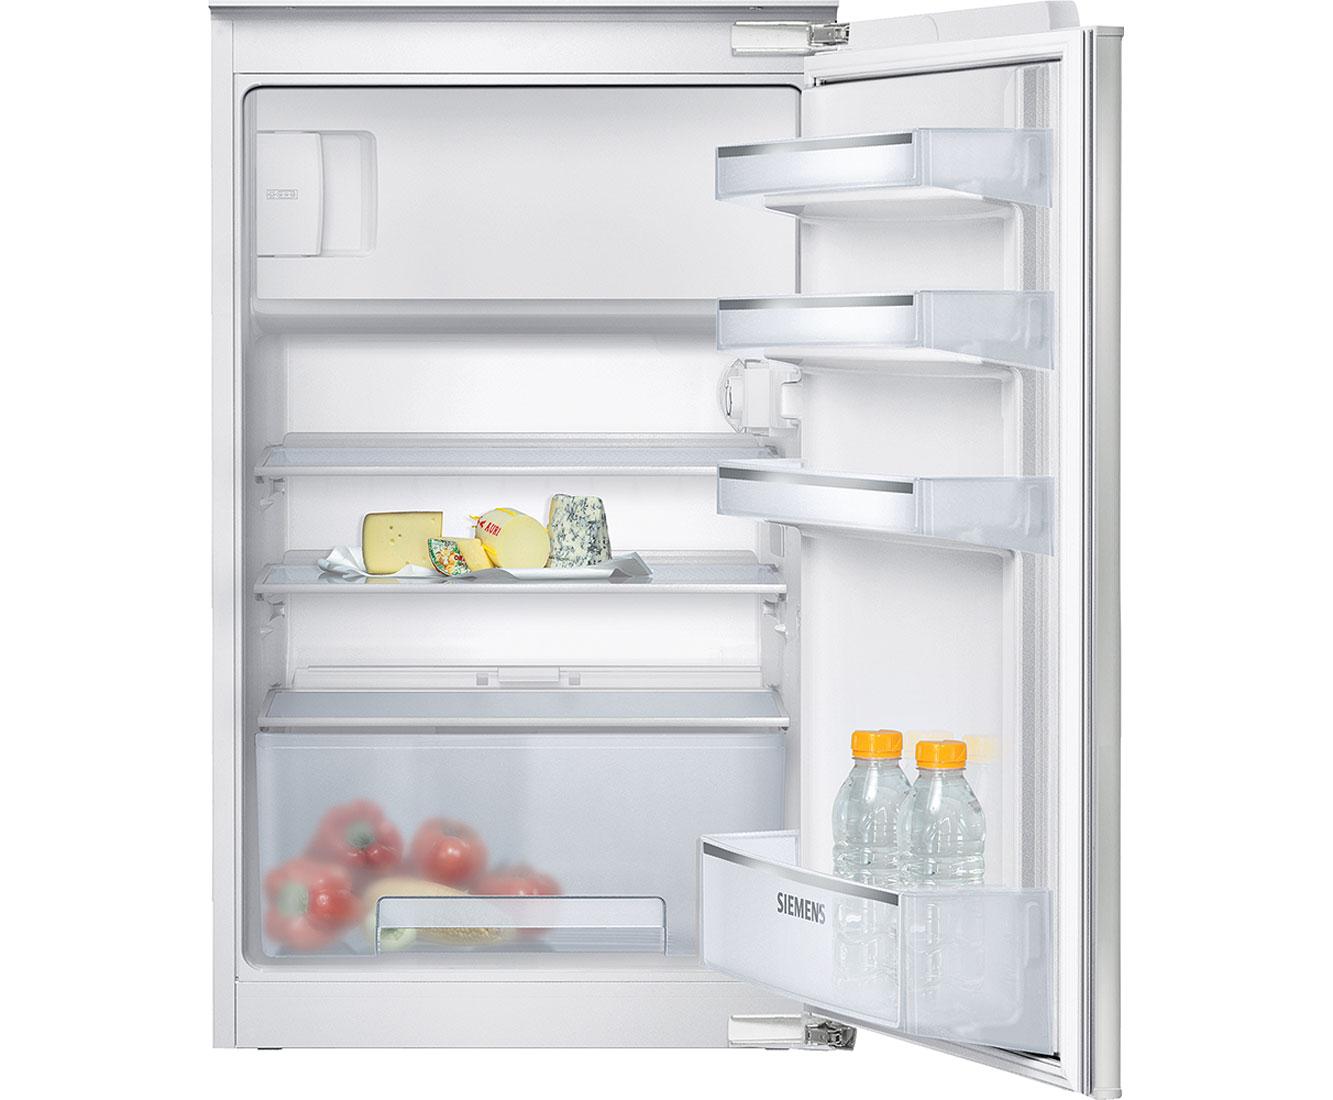 Einbaukühlschränke Gefrierfach A++ Preisvergleich • Die besten ...